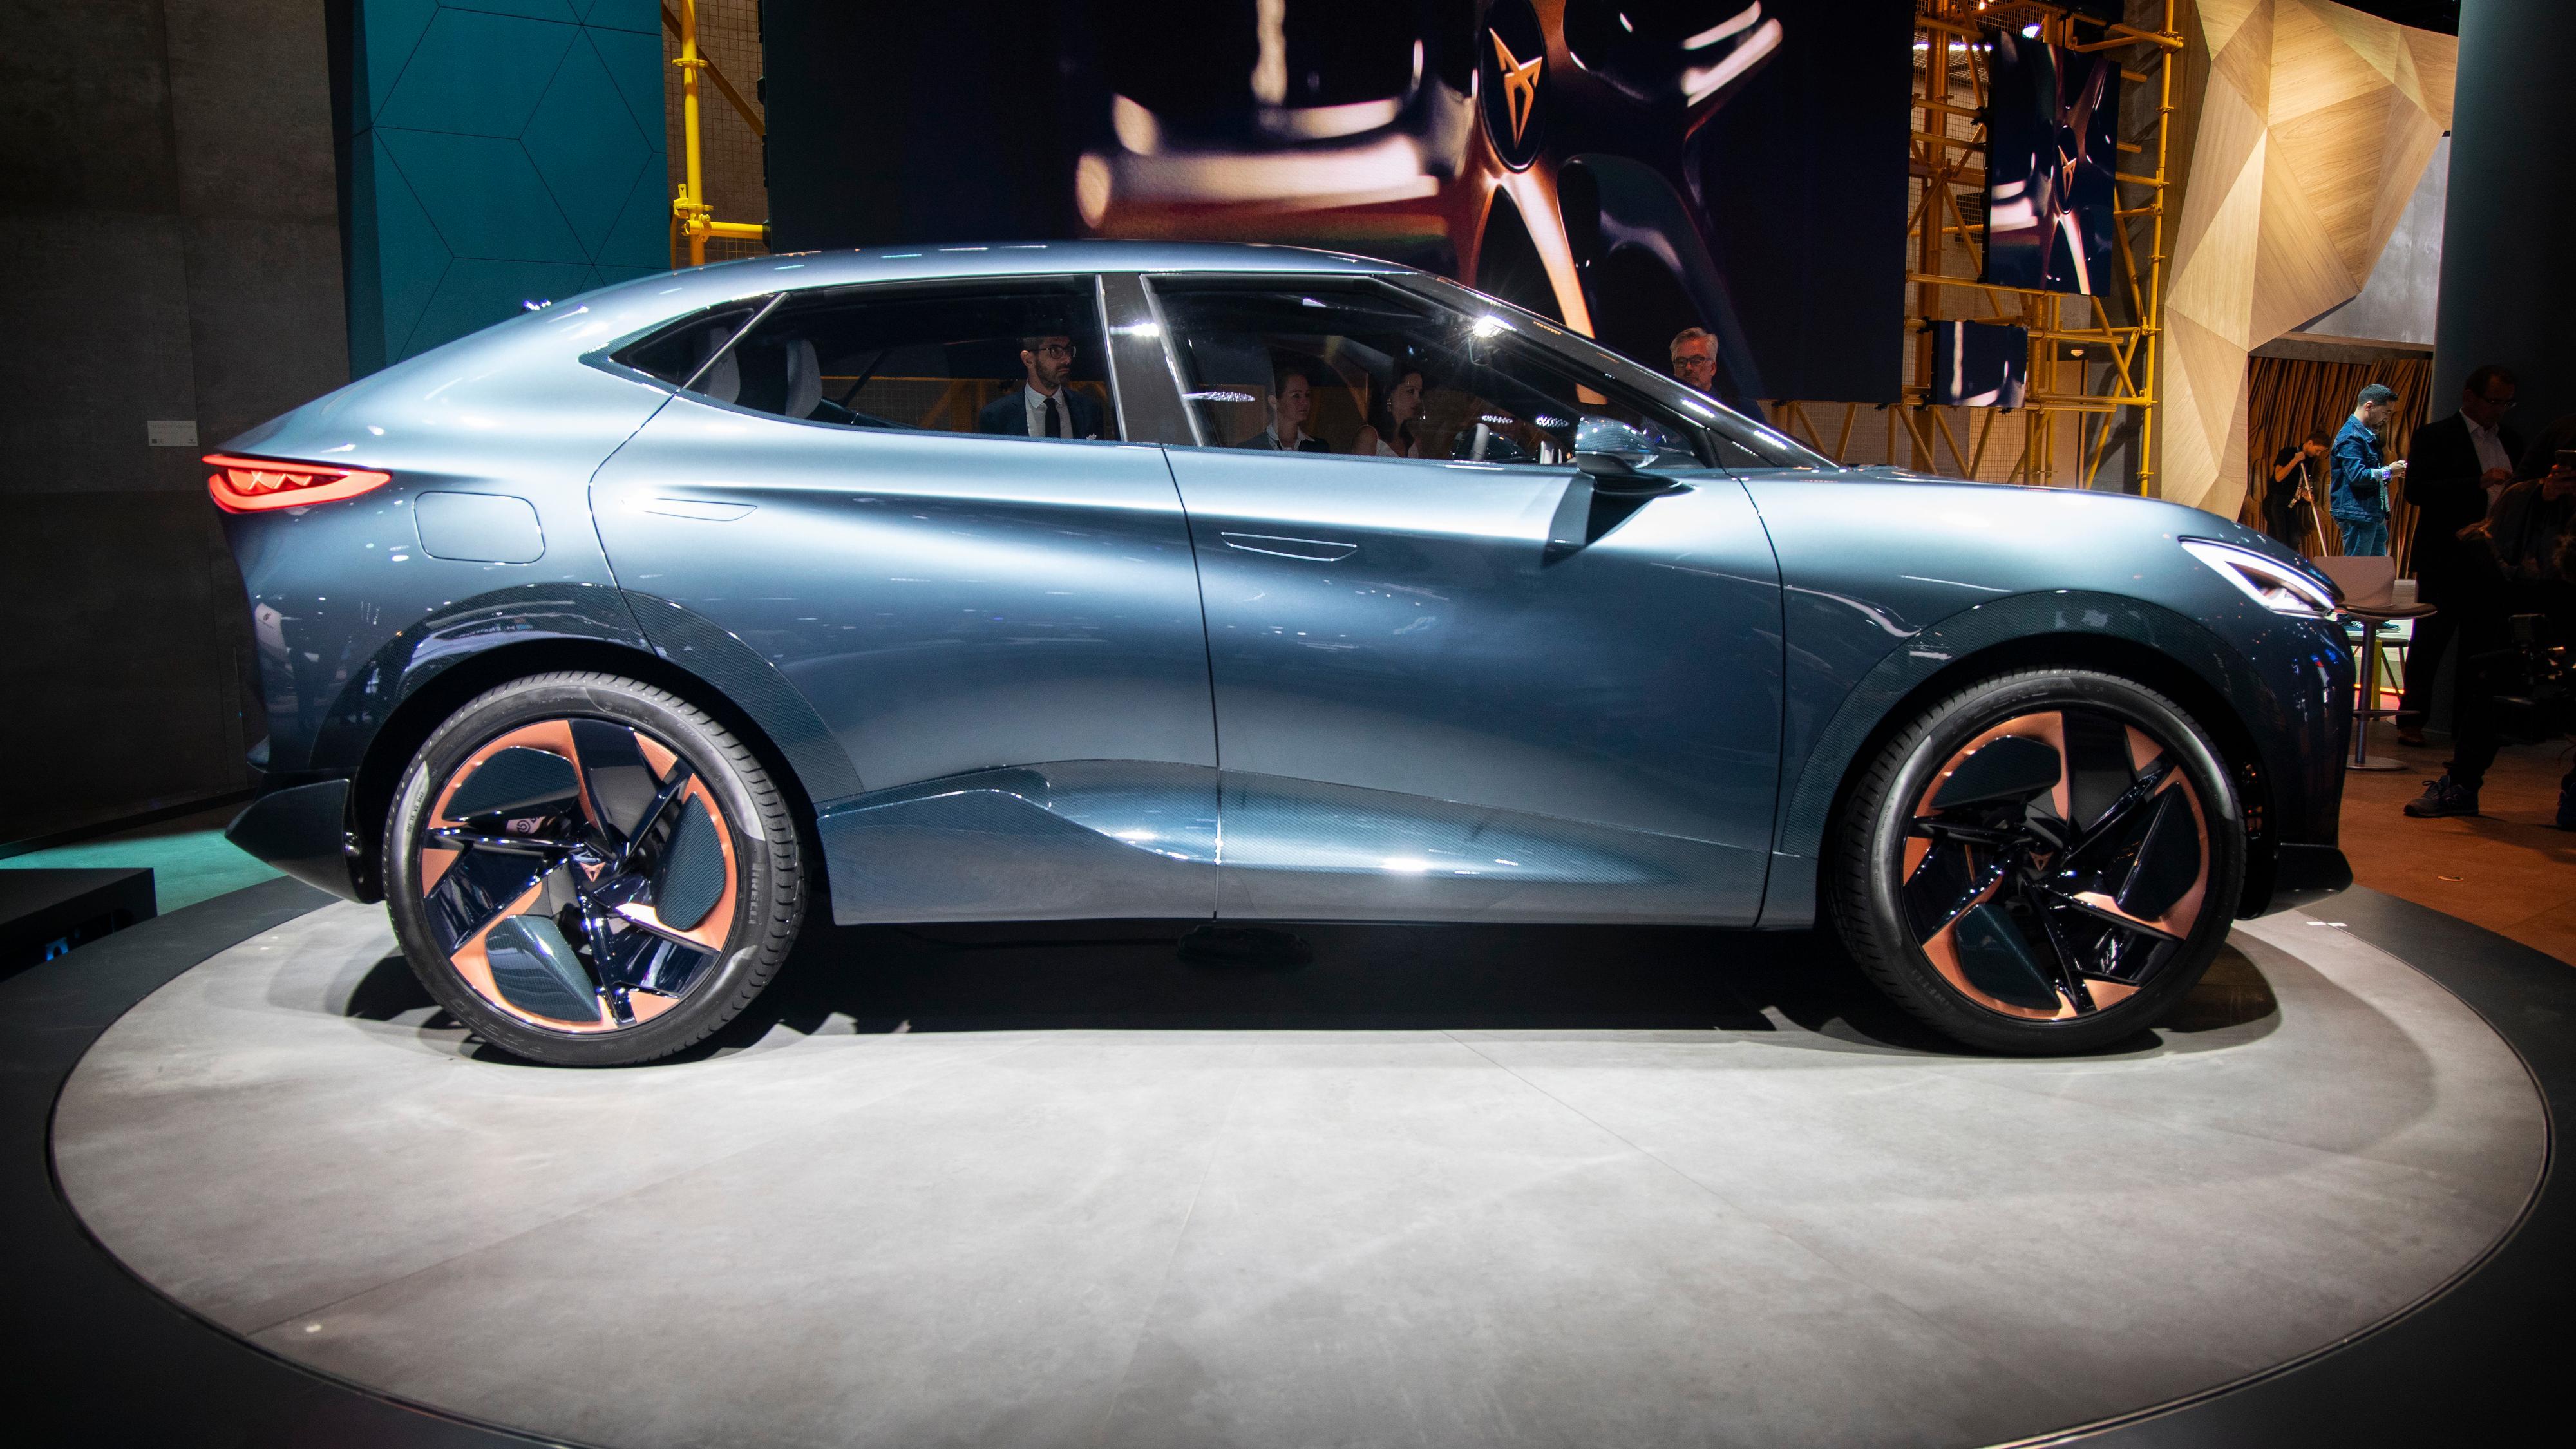 Tavascan-konseptet til Cupra skal bli til en faktisk produksjonsmodell - i 2024.